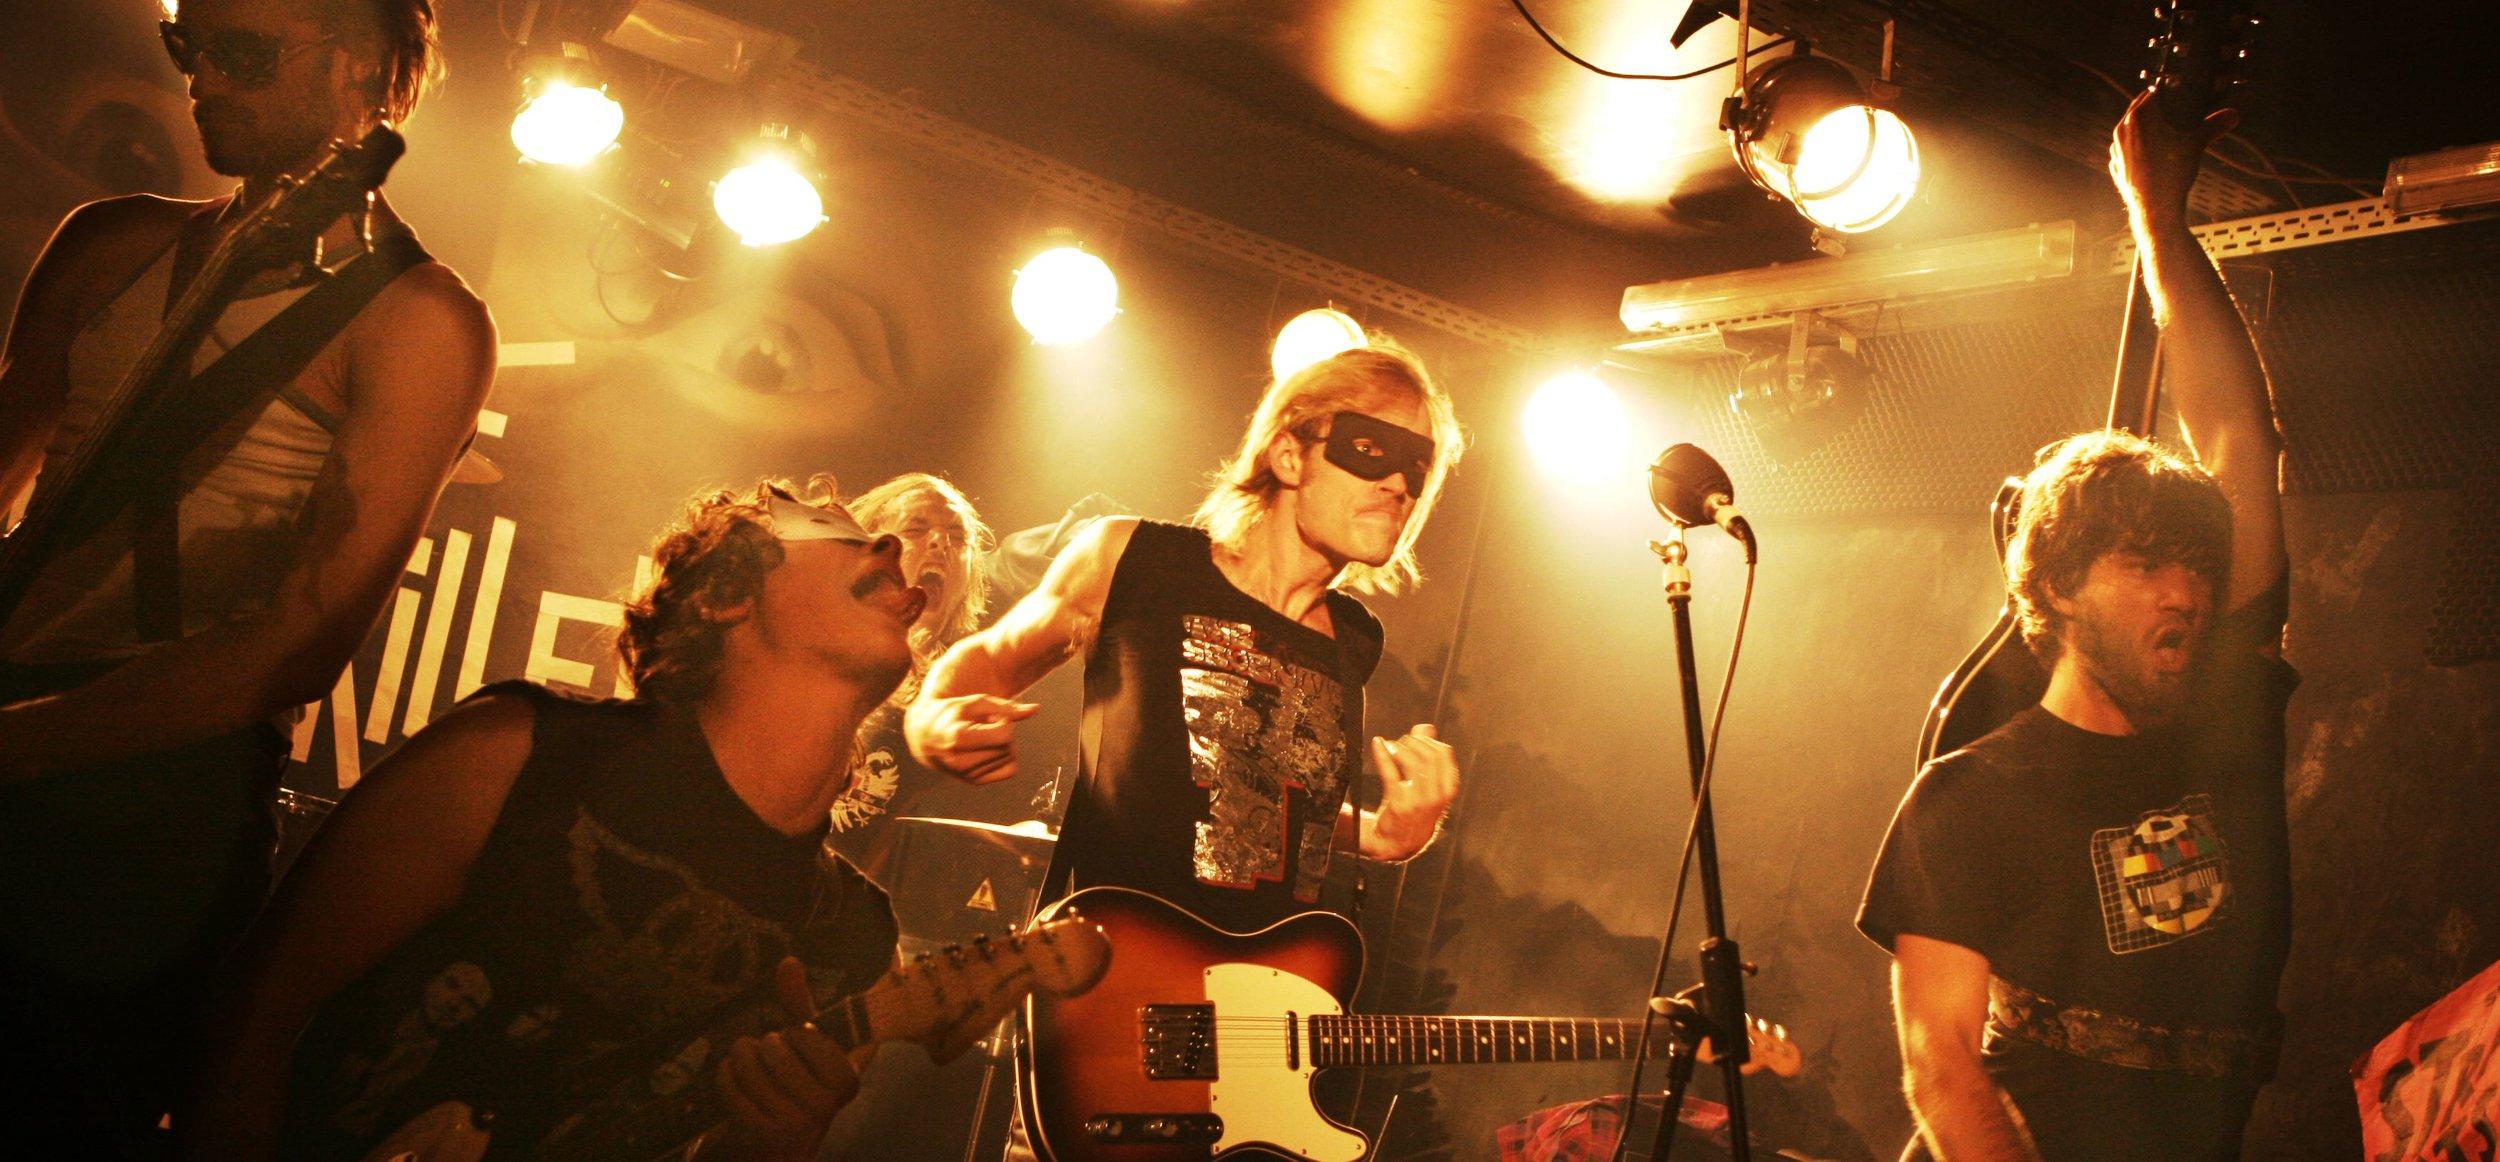 ECDD_still_rock&roll.jpg